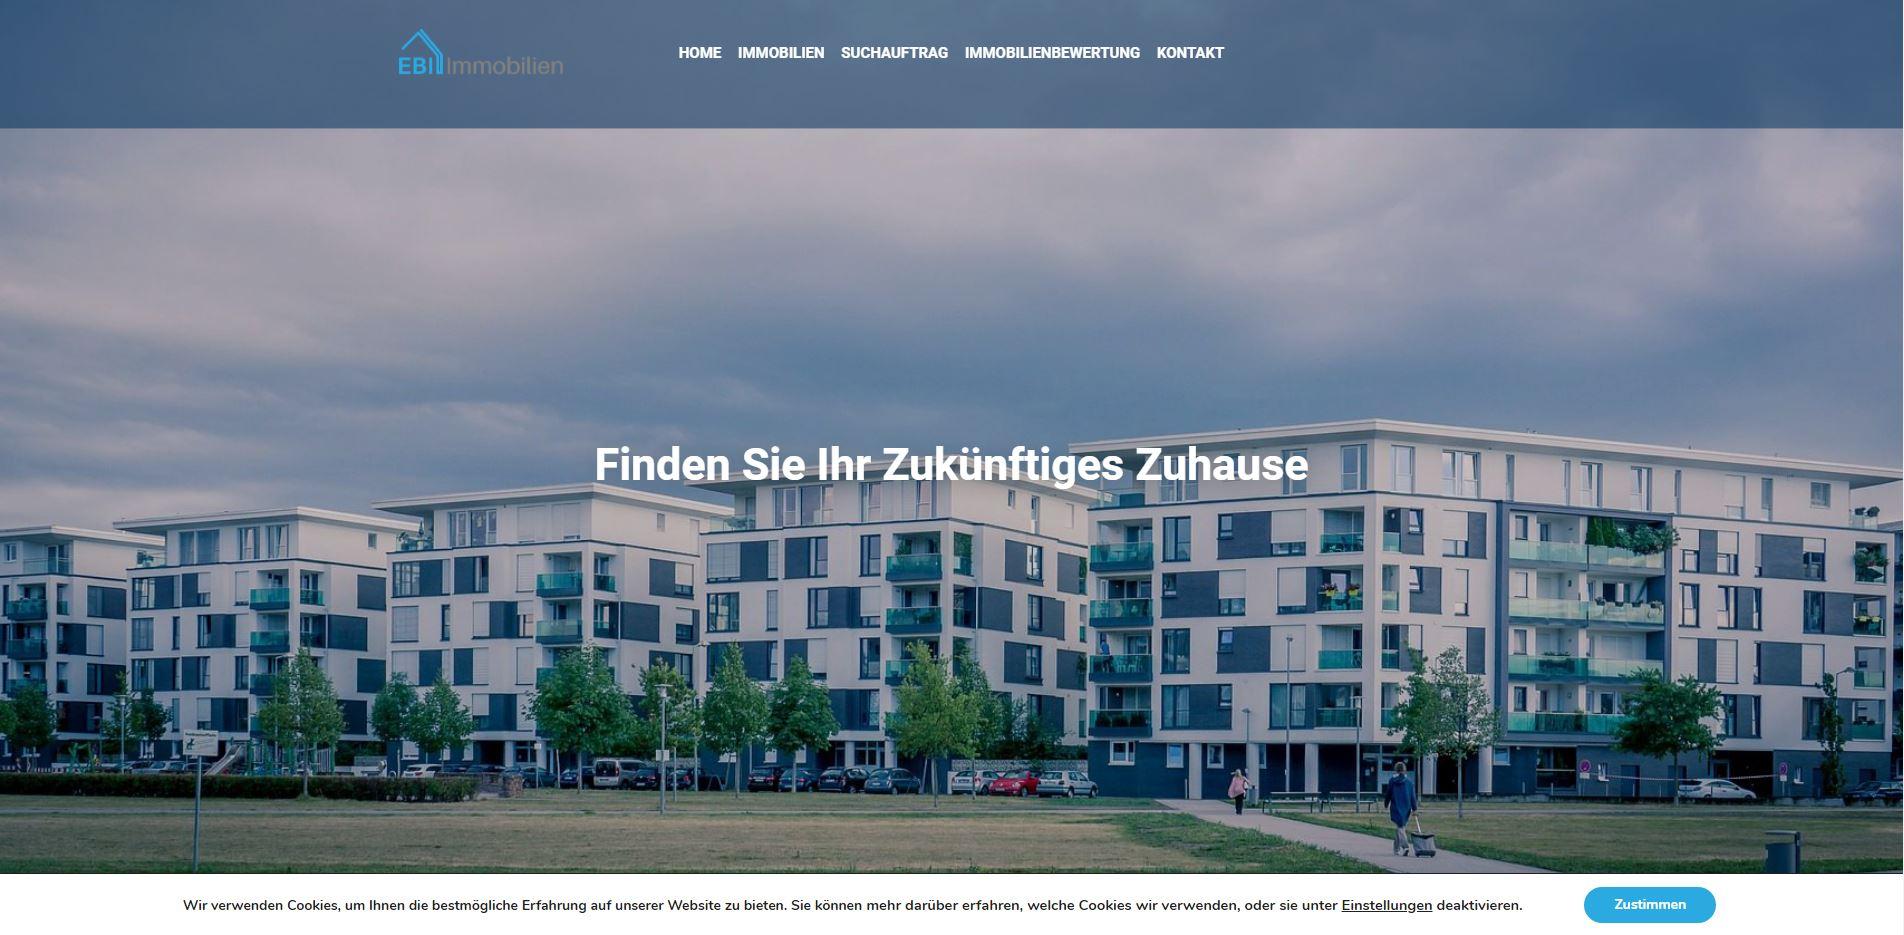 Webdesign Ebi Immobilien